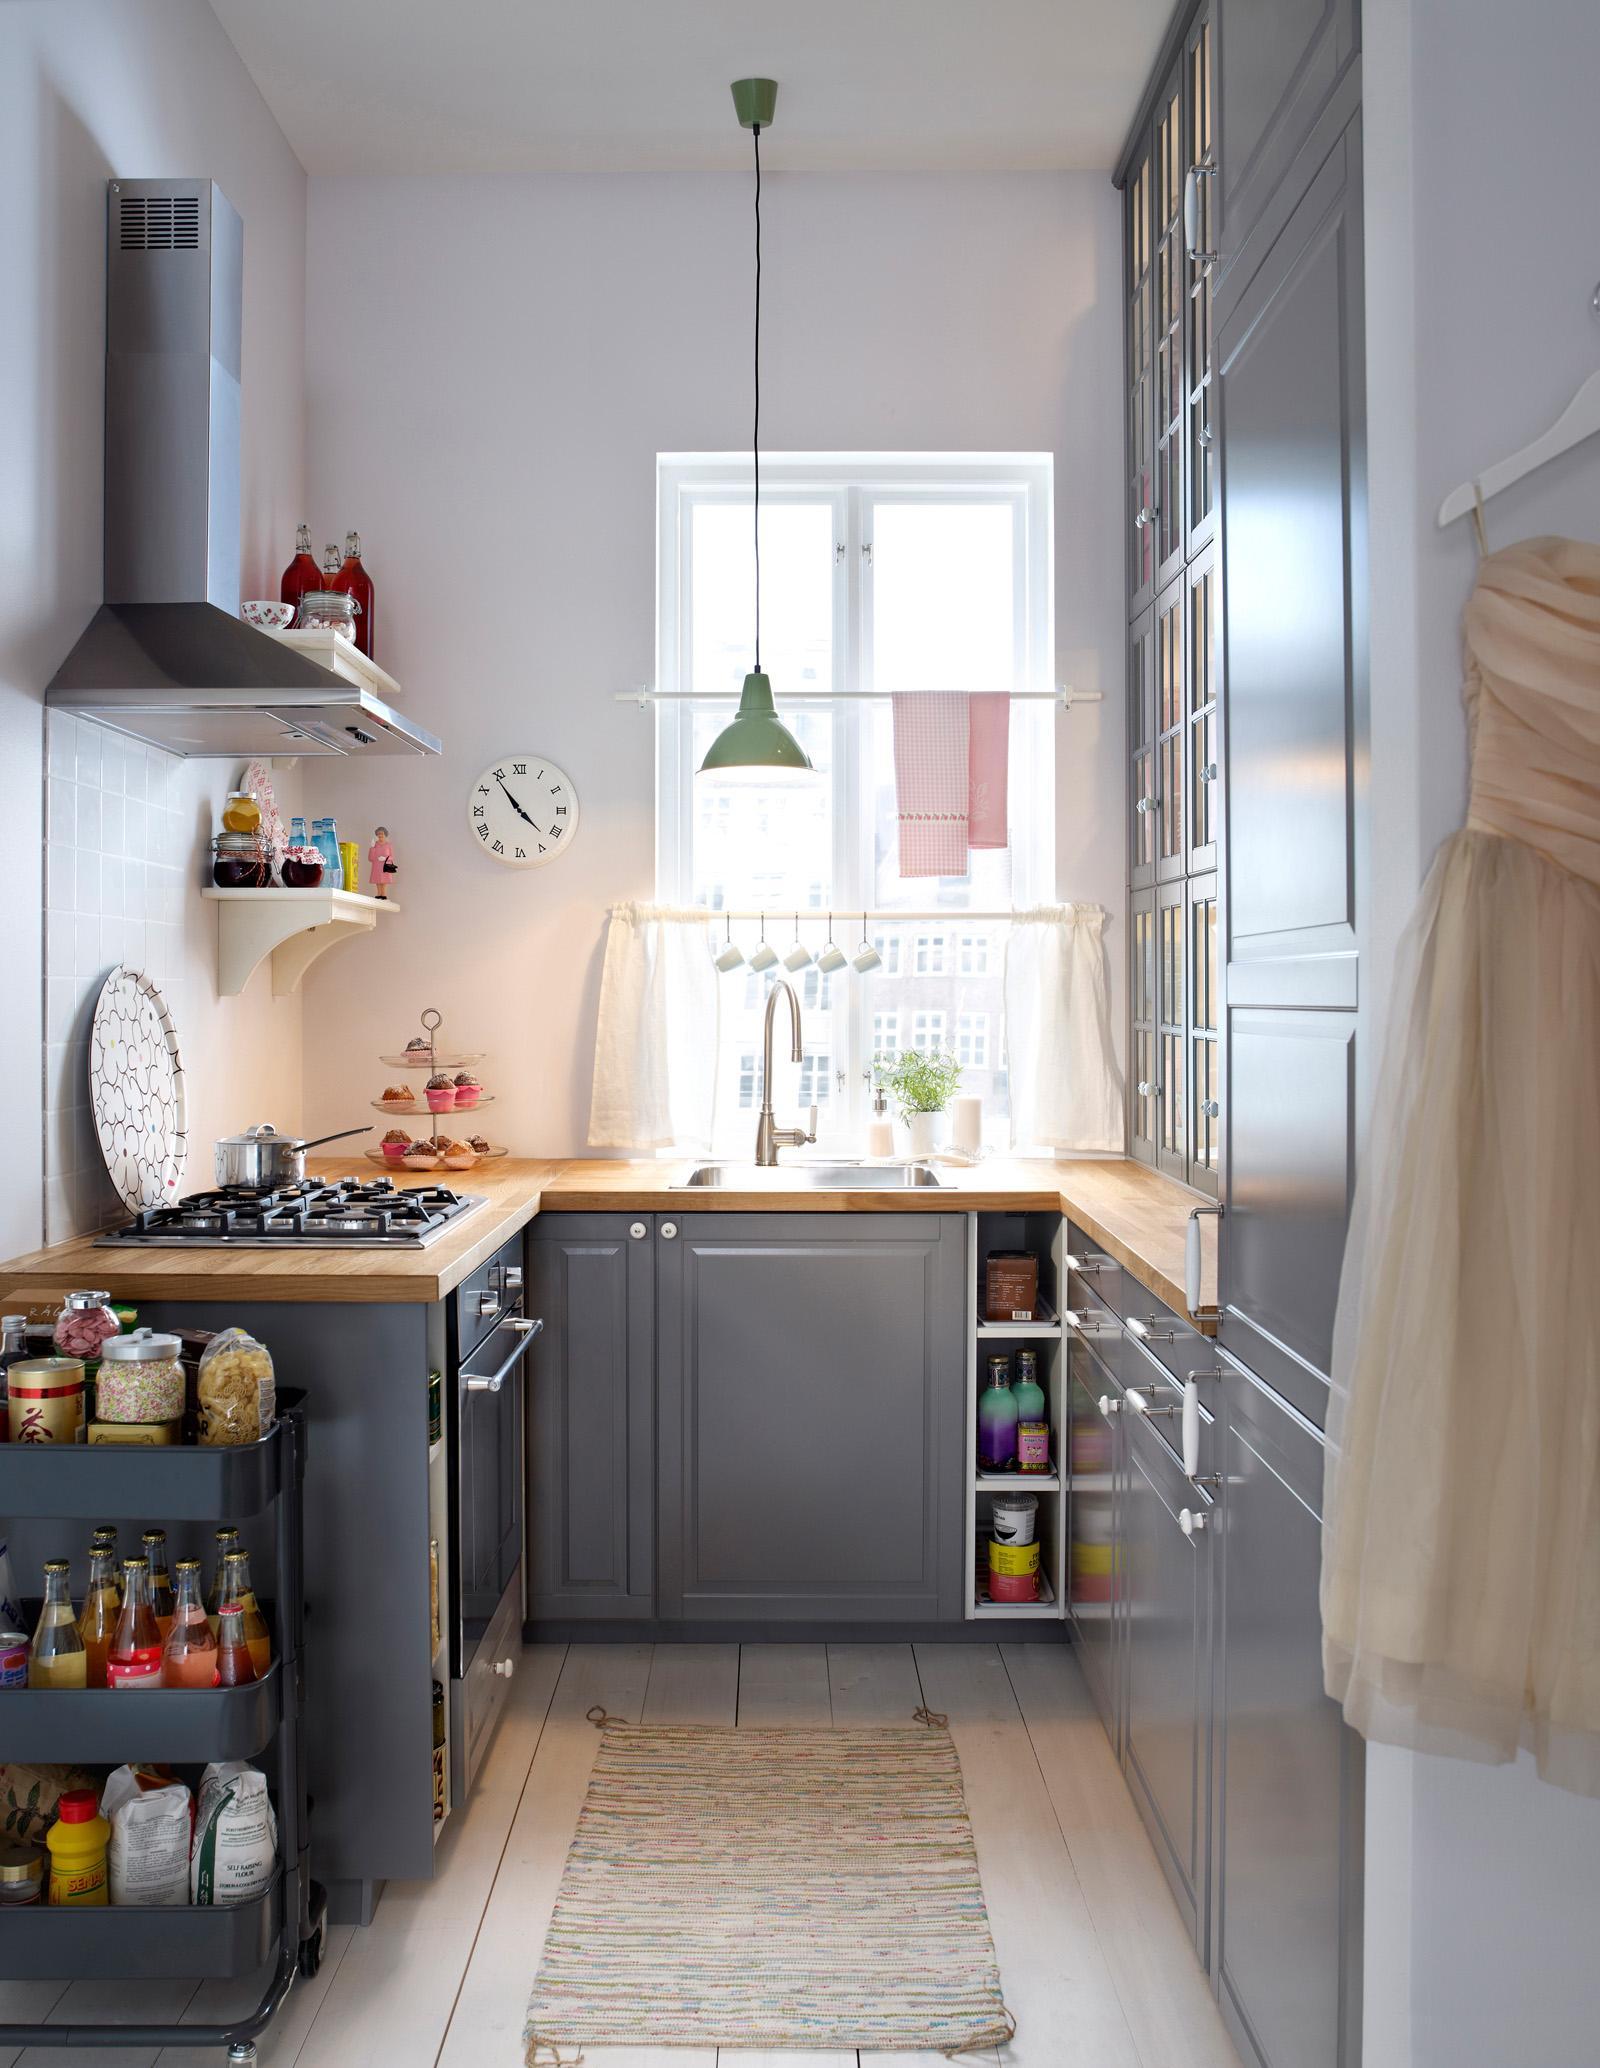 Full Size of Ikea Minikche Edelstahl Mit Geschirrspler Attityd Kche Küche Kosten Kaufen Betten Bei 160x200 Miniküche Sofa Schlaffunktion Modulküche Wohnzimmer Ikea Miniküchen